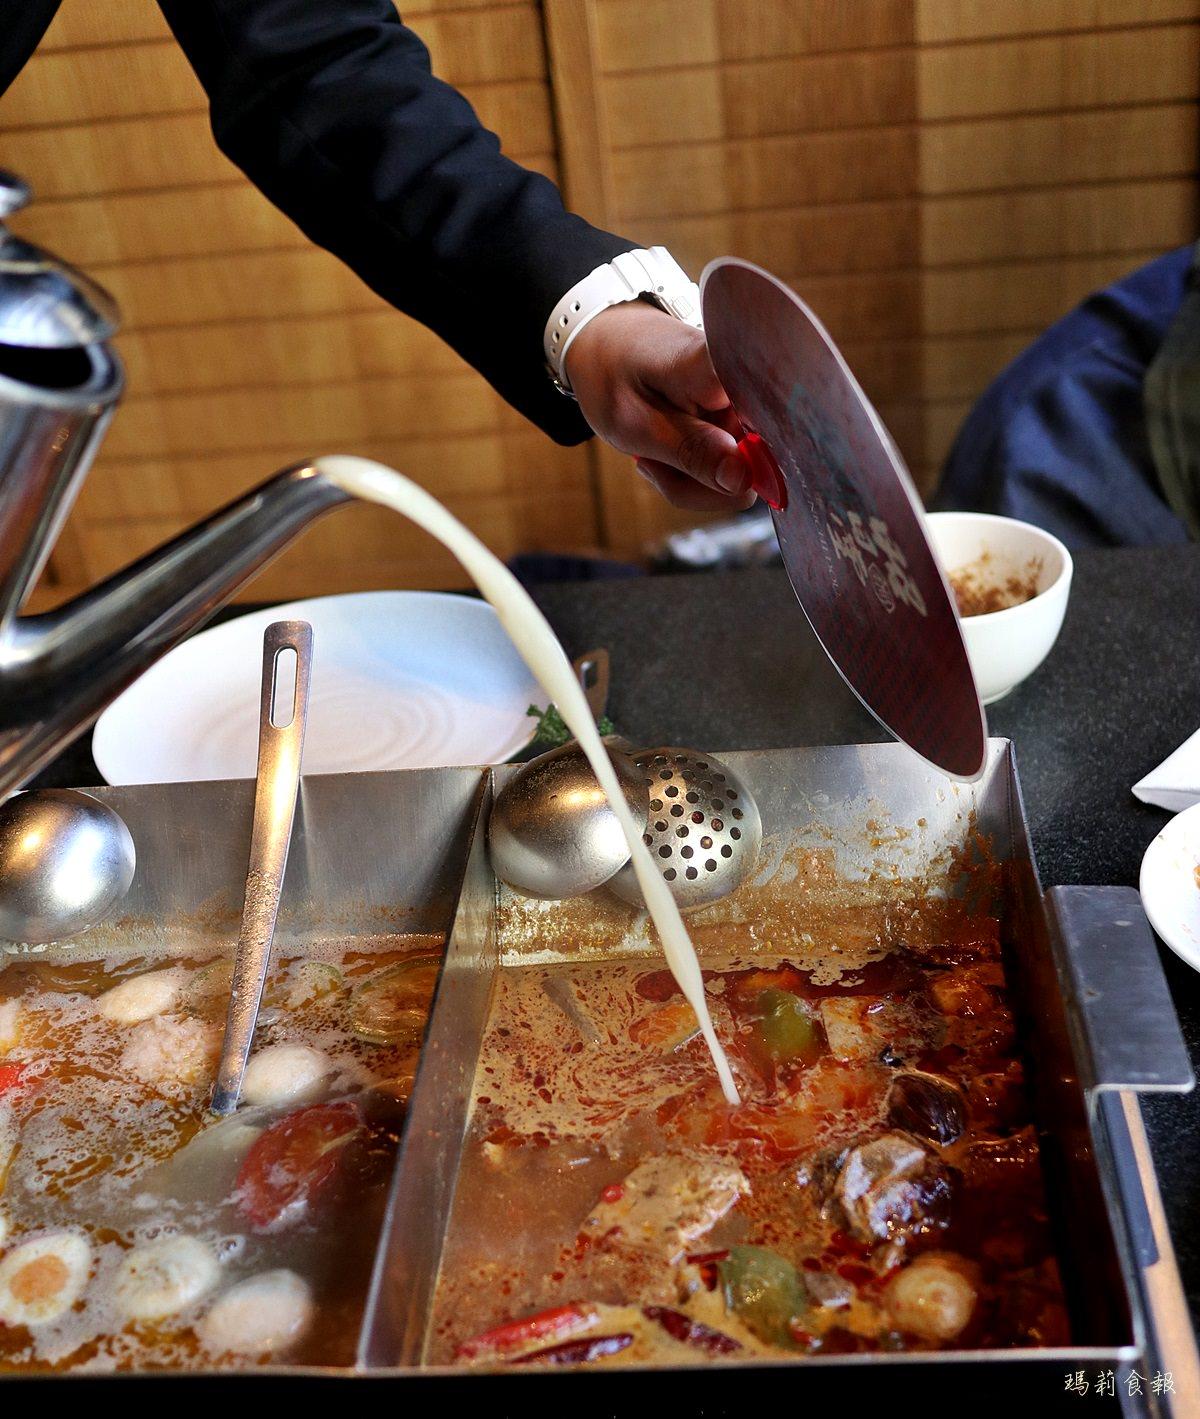 台中南屯美食,昭日堂鍋煮,昭日堂鍋煮菜單,台中火鍋吃到飽,IKEA週邊美食